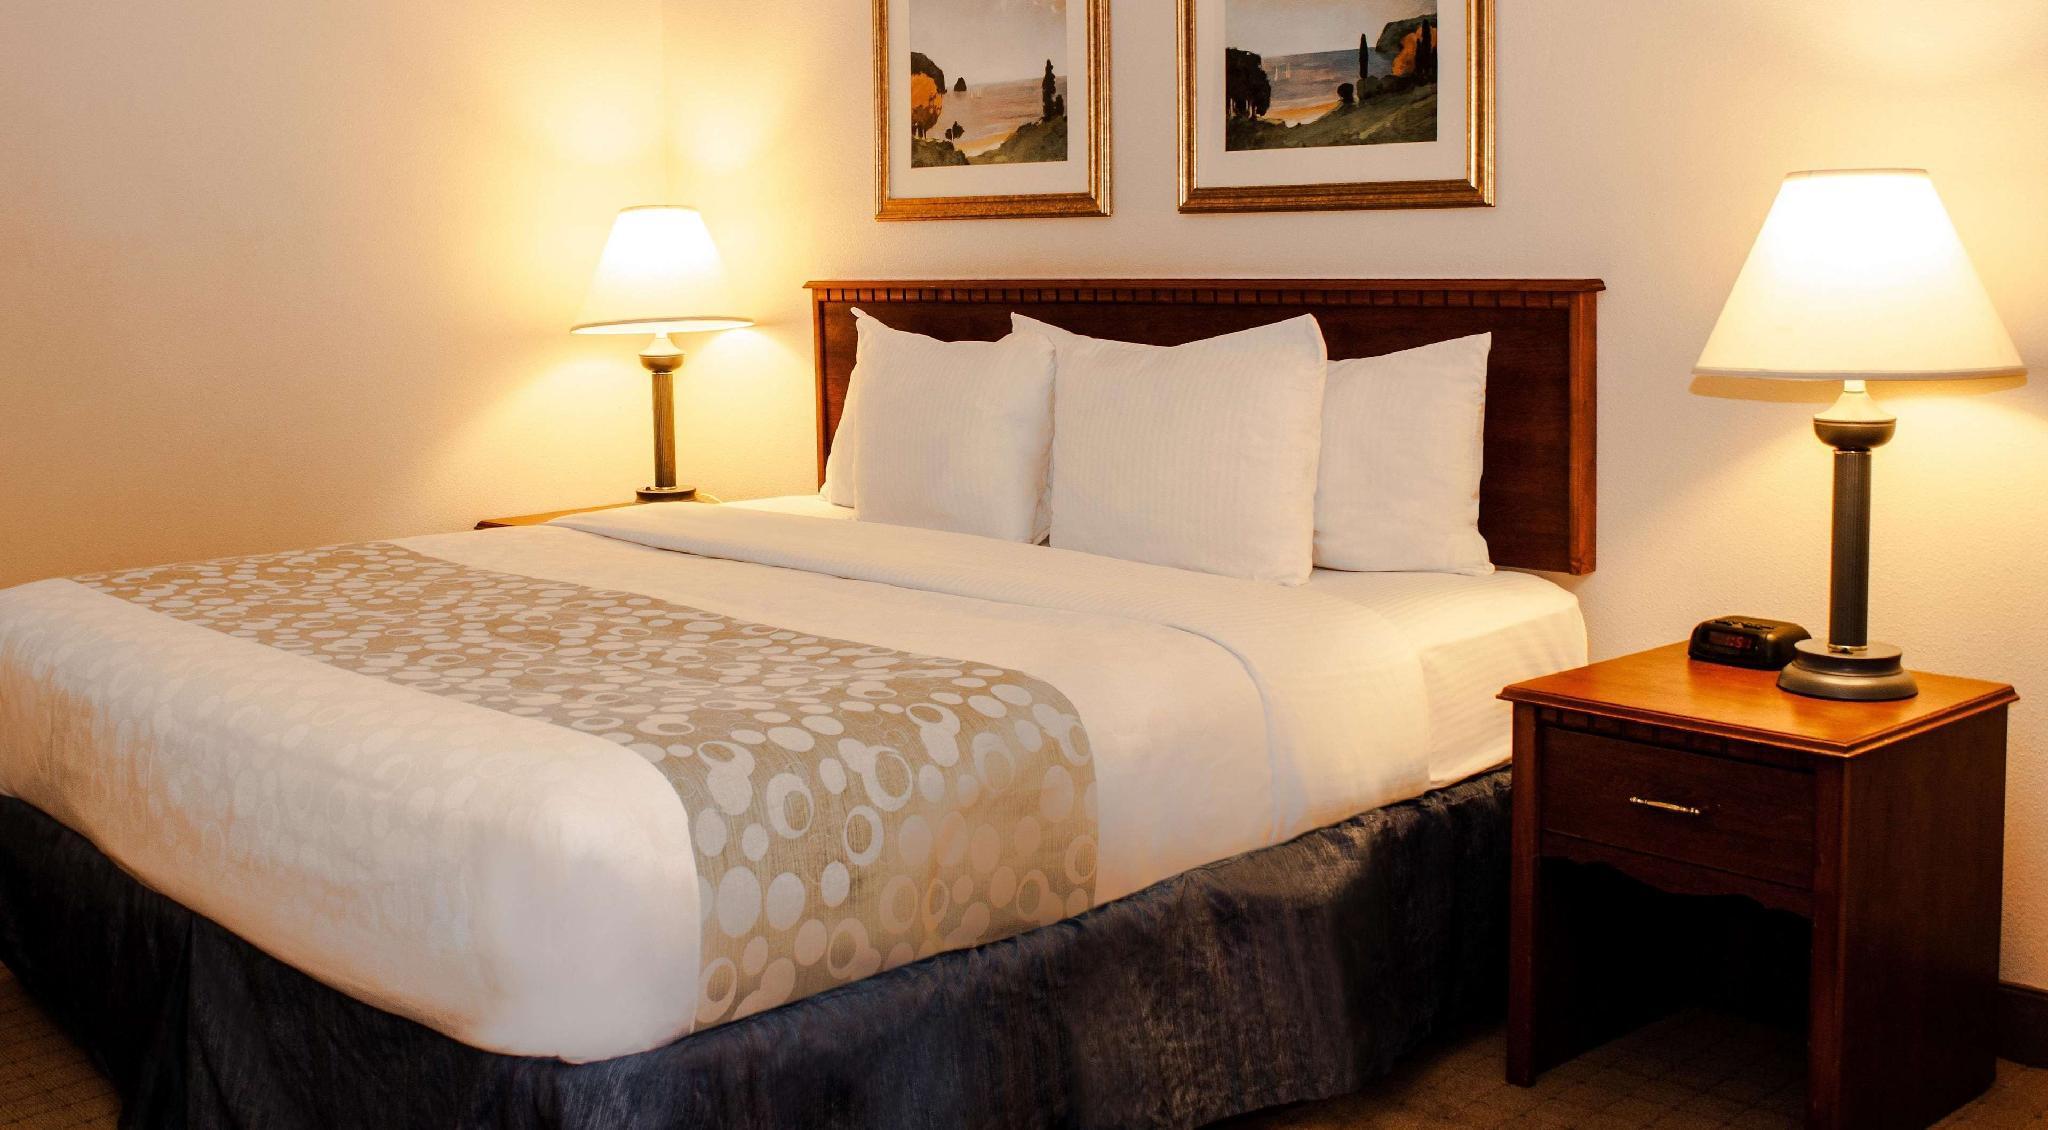 1 King Bed, Non-Smoking